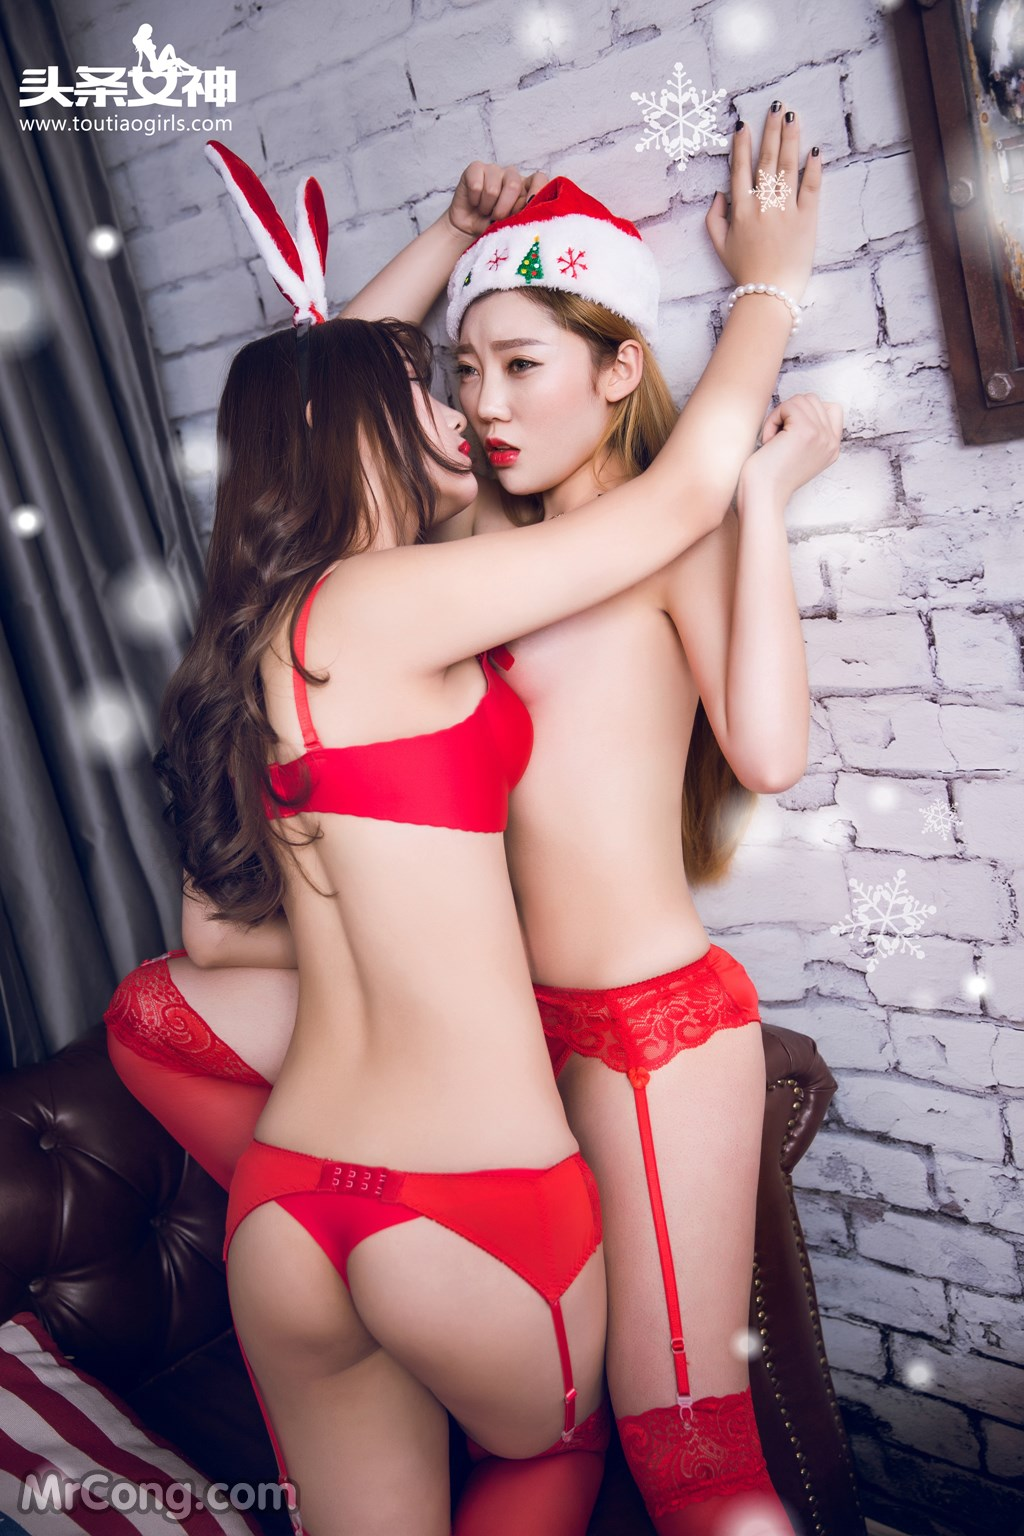 Image MrCong.com-TouTiao-2016-12-24-He-Jiao-Jiao-and-Yao-Yao-001 in post TouTiao 2016-12-24: Người mẫu He Jiao Jiao (何娇娇) và Yao Yao (药药) (41 ảnh)